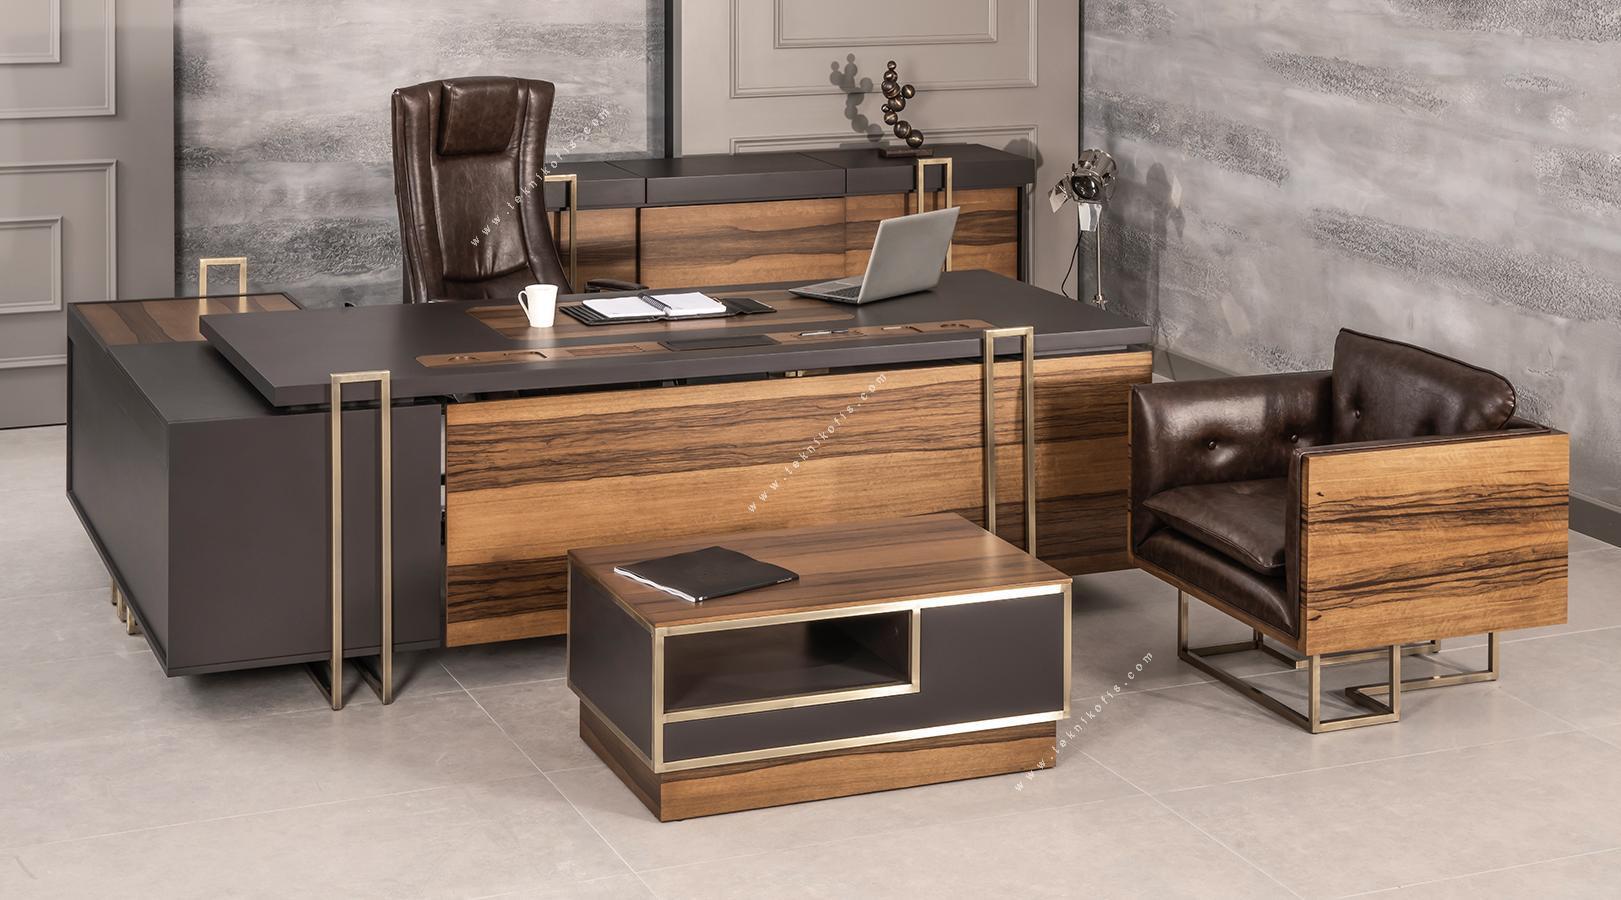 patran modern yönetici mobilyası